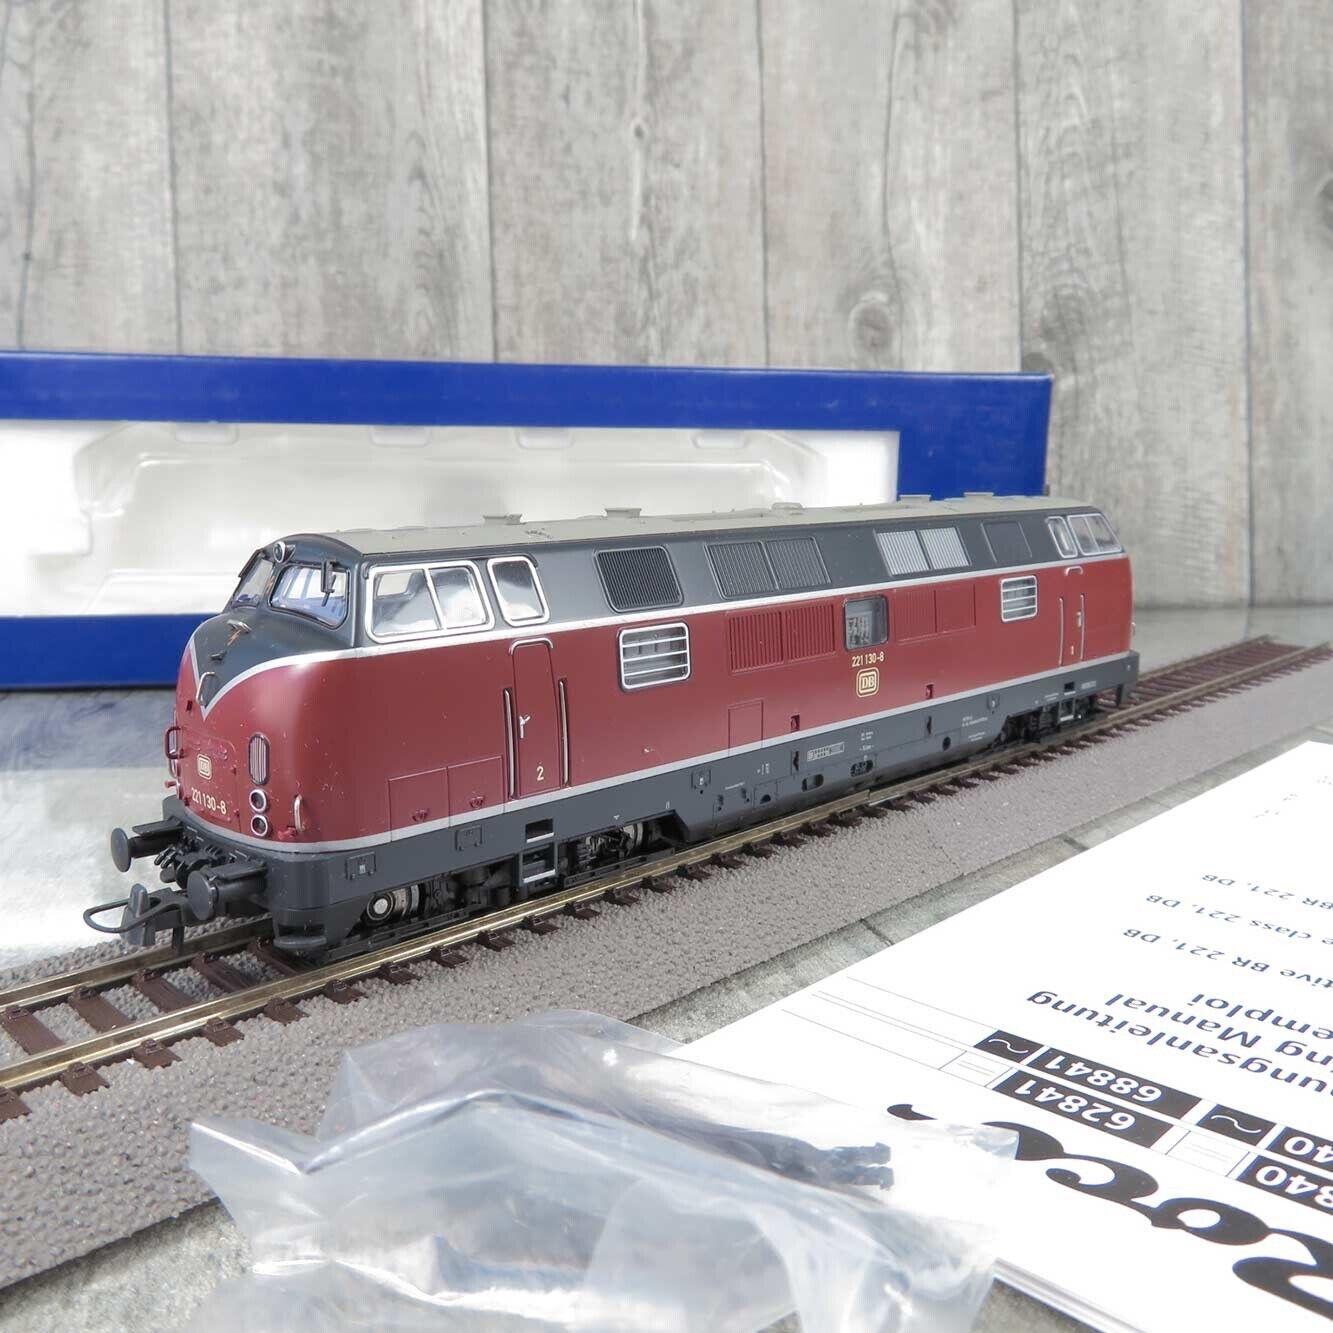 ROCO 62840 - H0 - Diesellok - DB 221 130-8 - Digital - OVP -  G24685